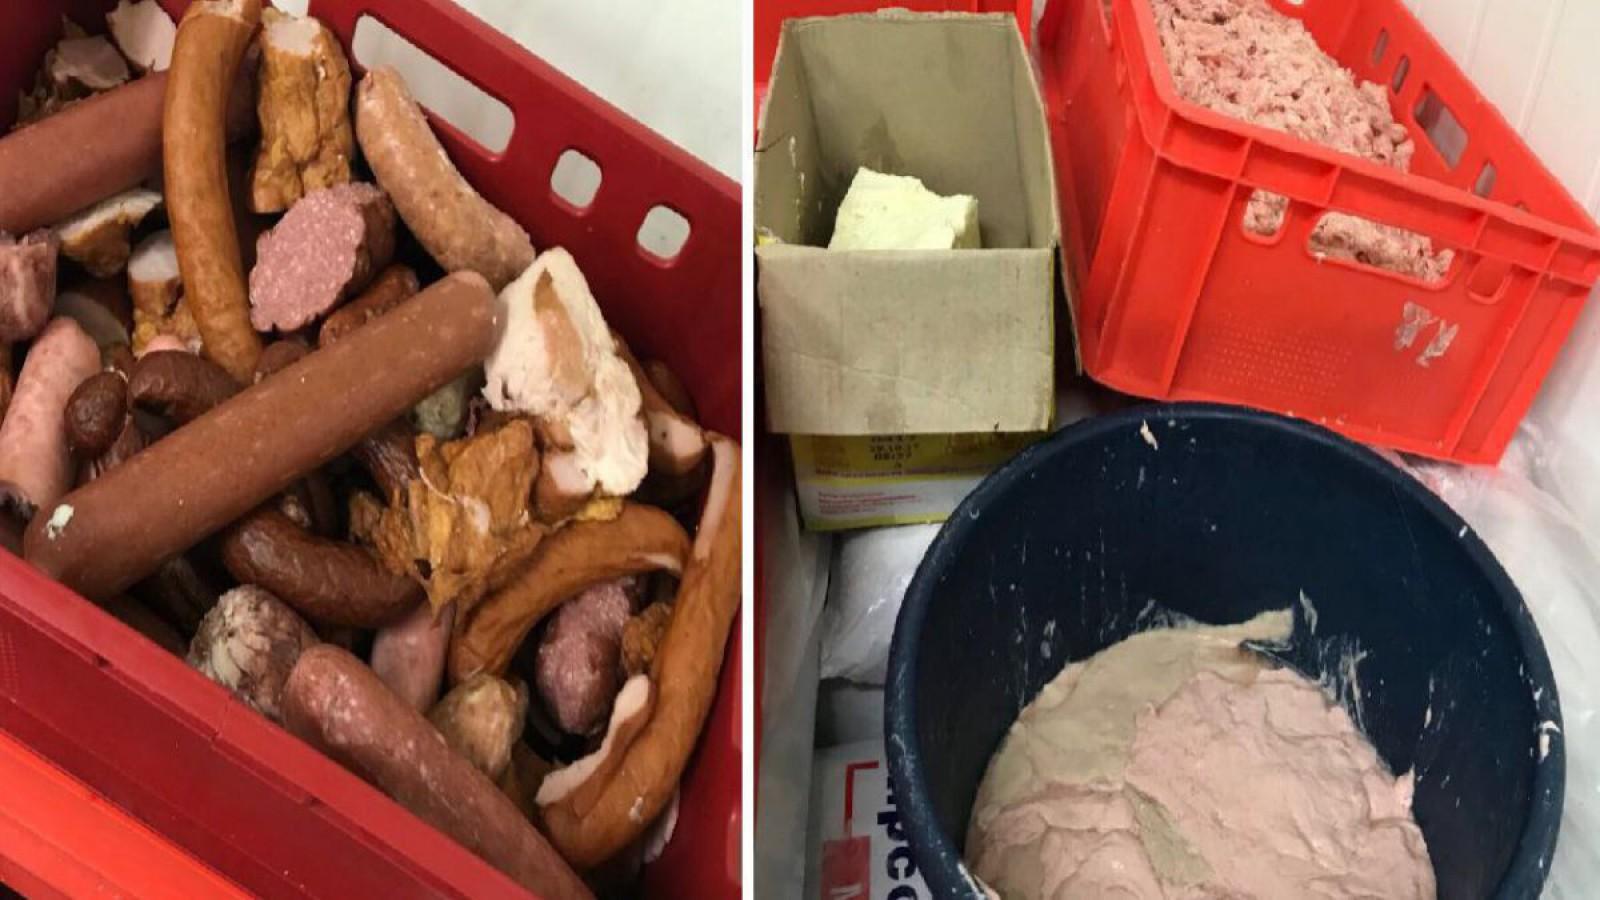 (foto) Imagini din depozitul unui producător de mezeluri: Ilustrează condițiile de păstrare a produselor